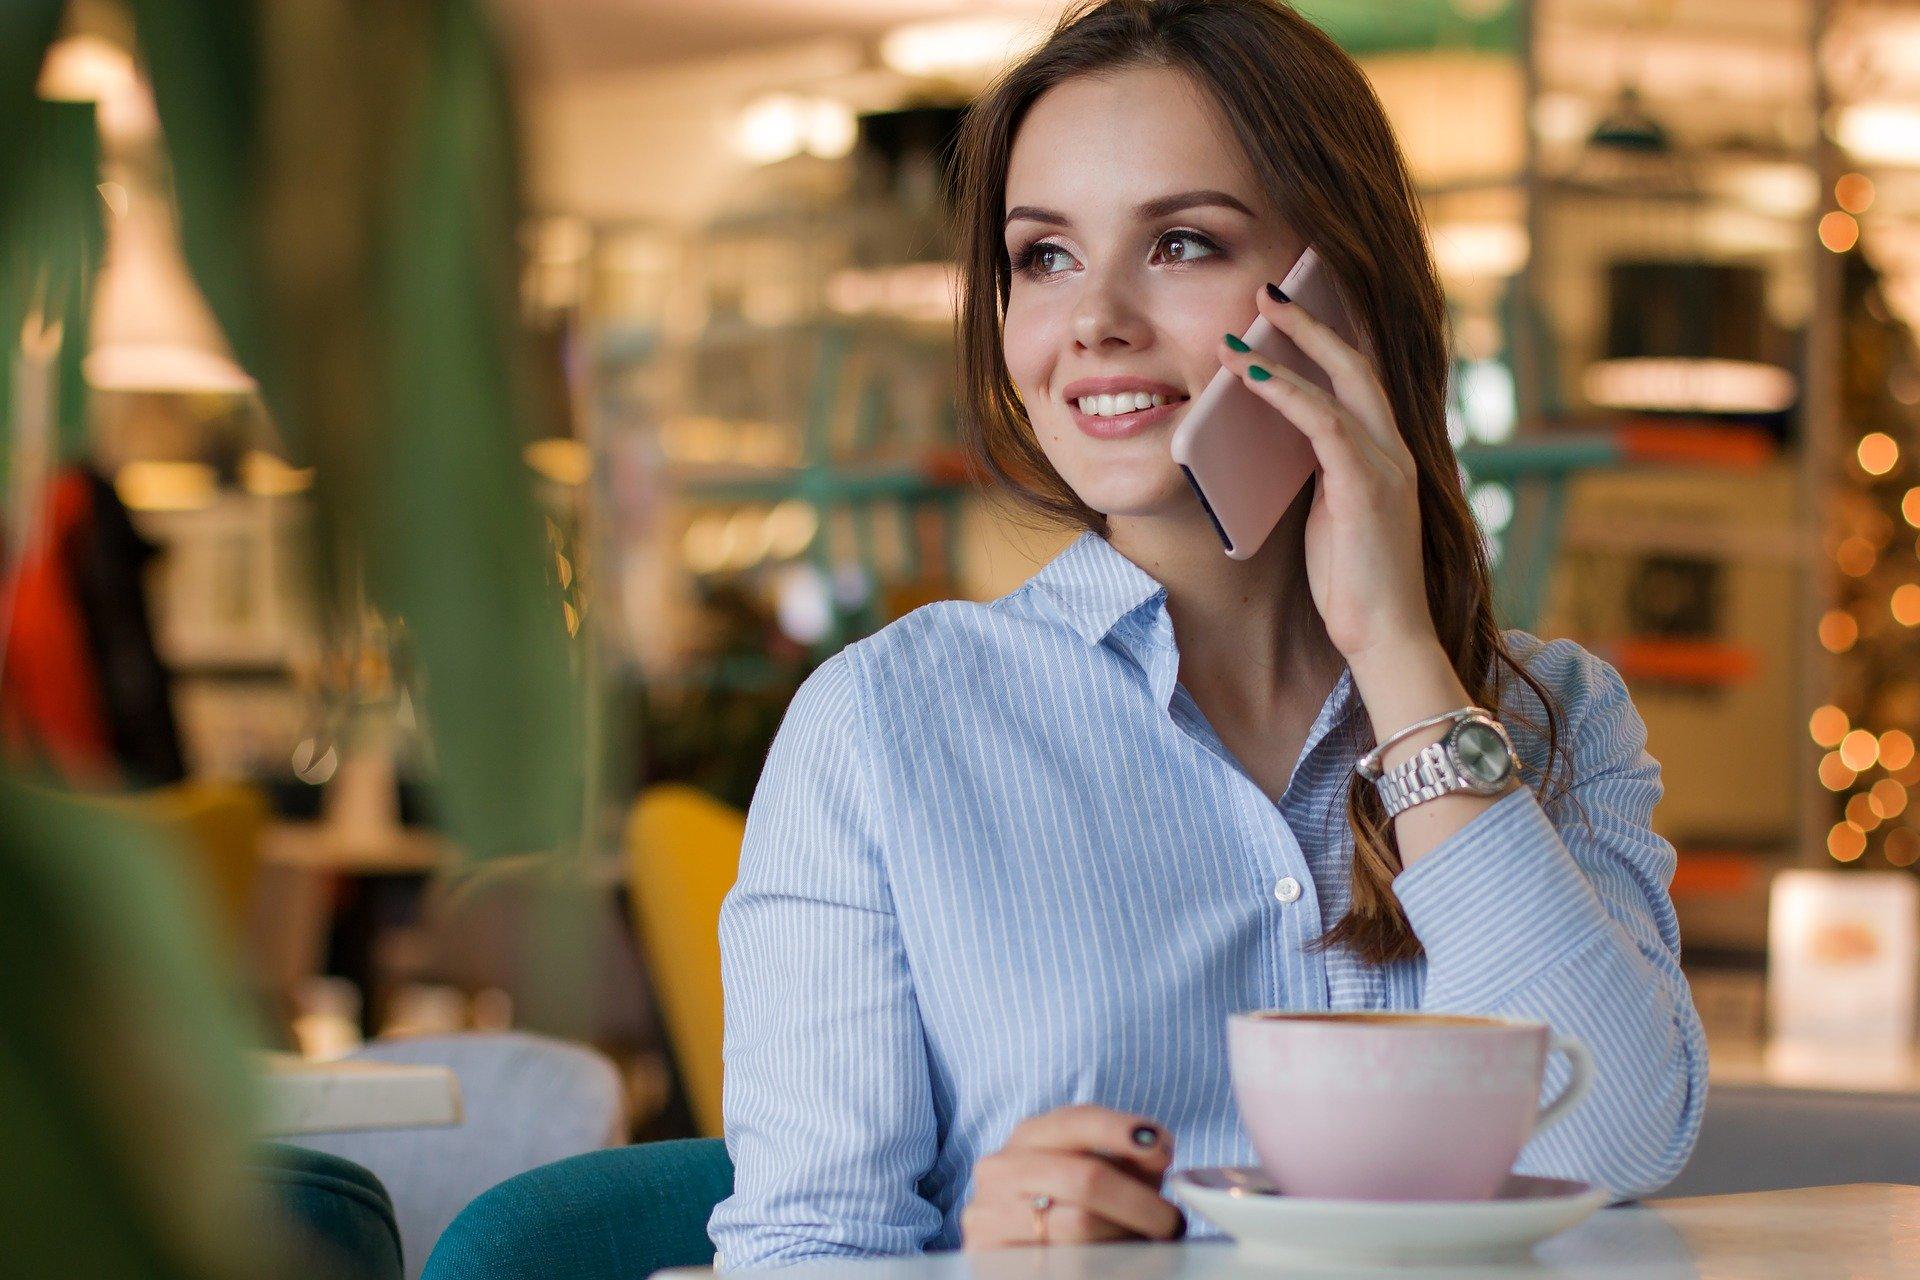 カフェでスマートフォンを耳に当て微笑む女性。